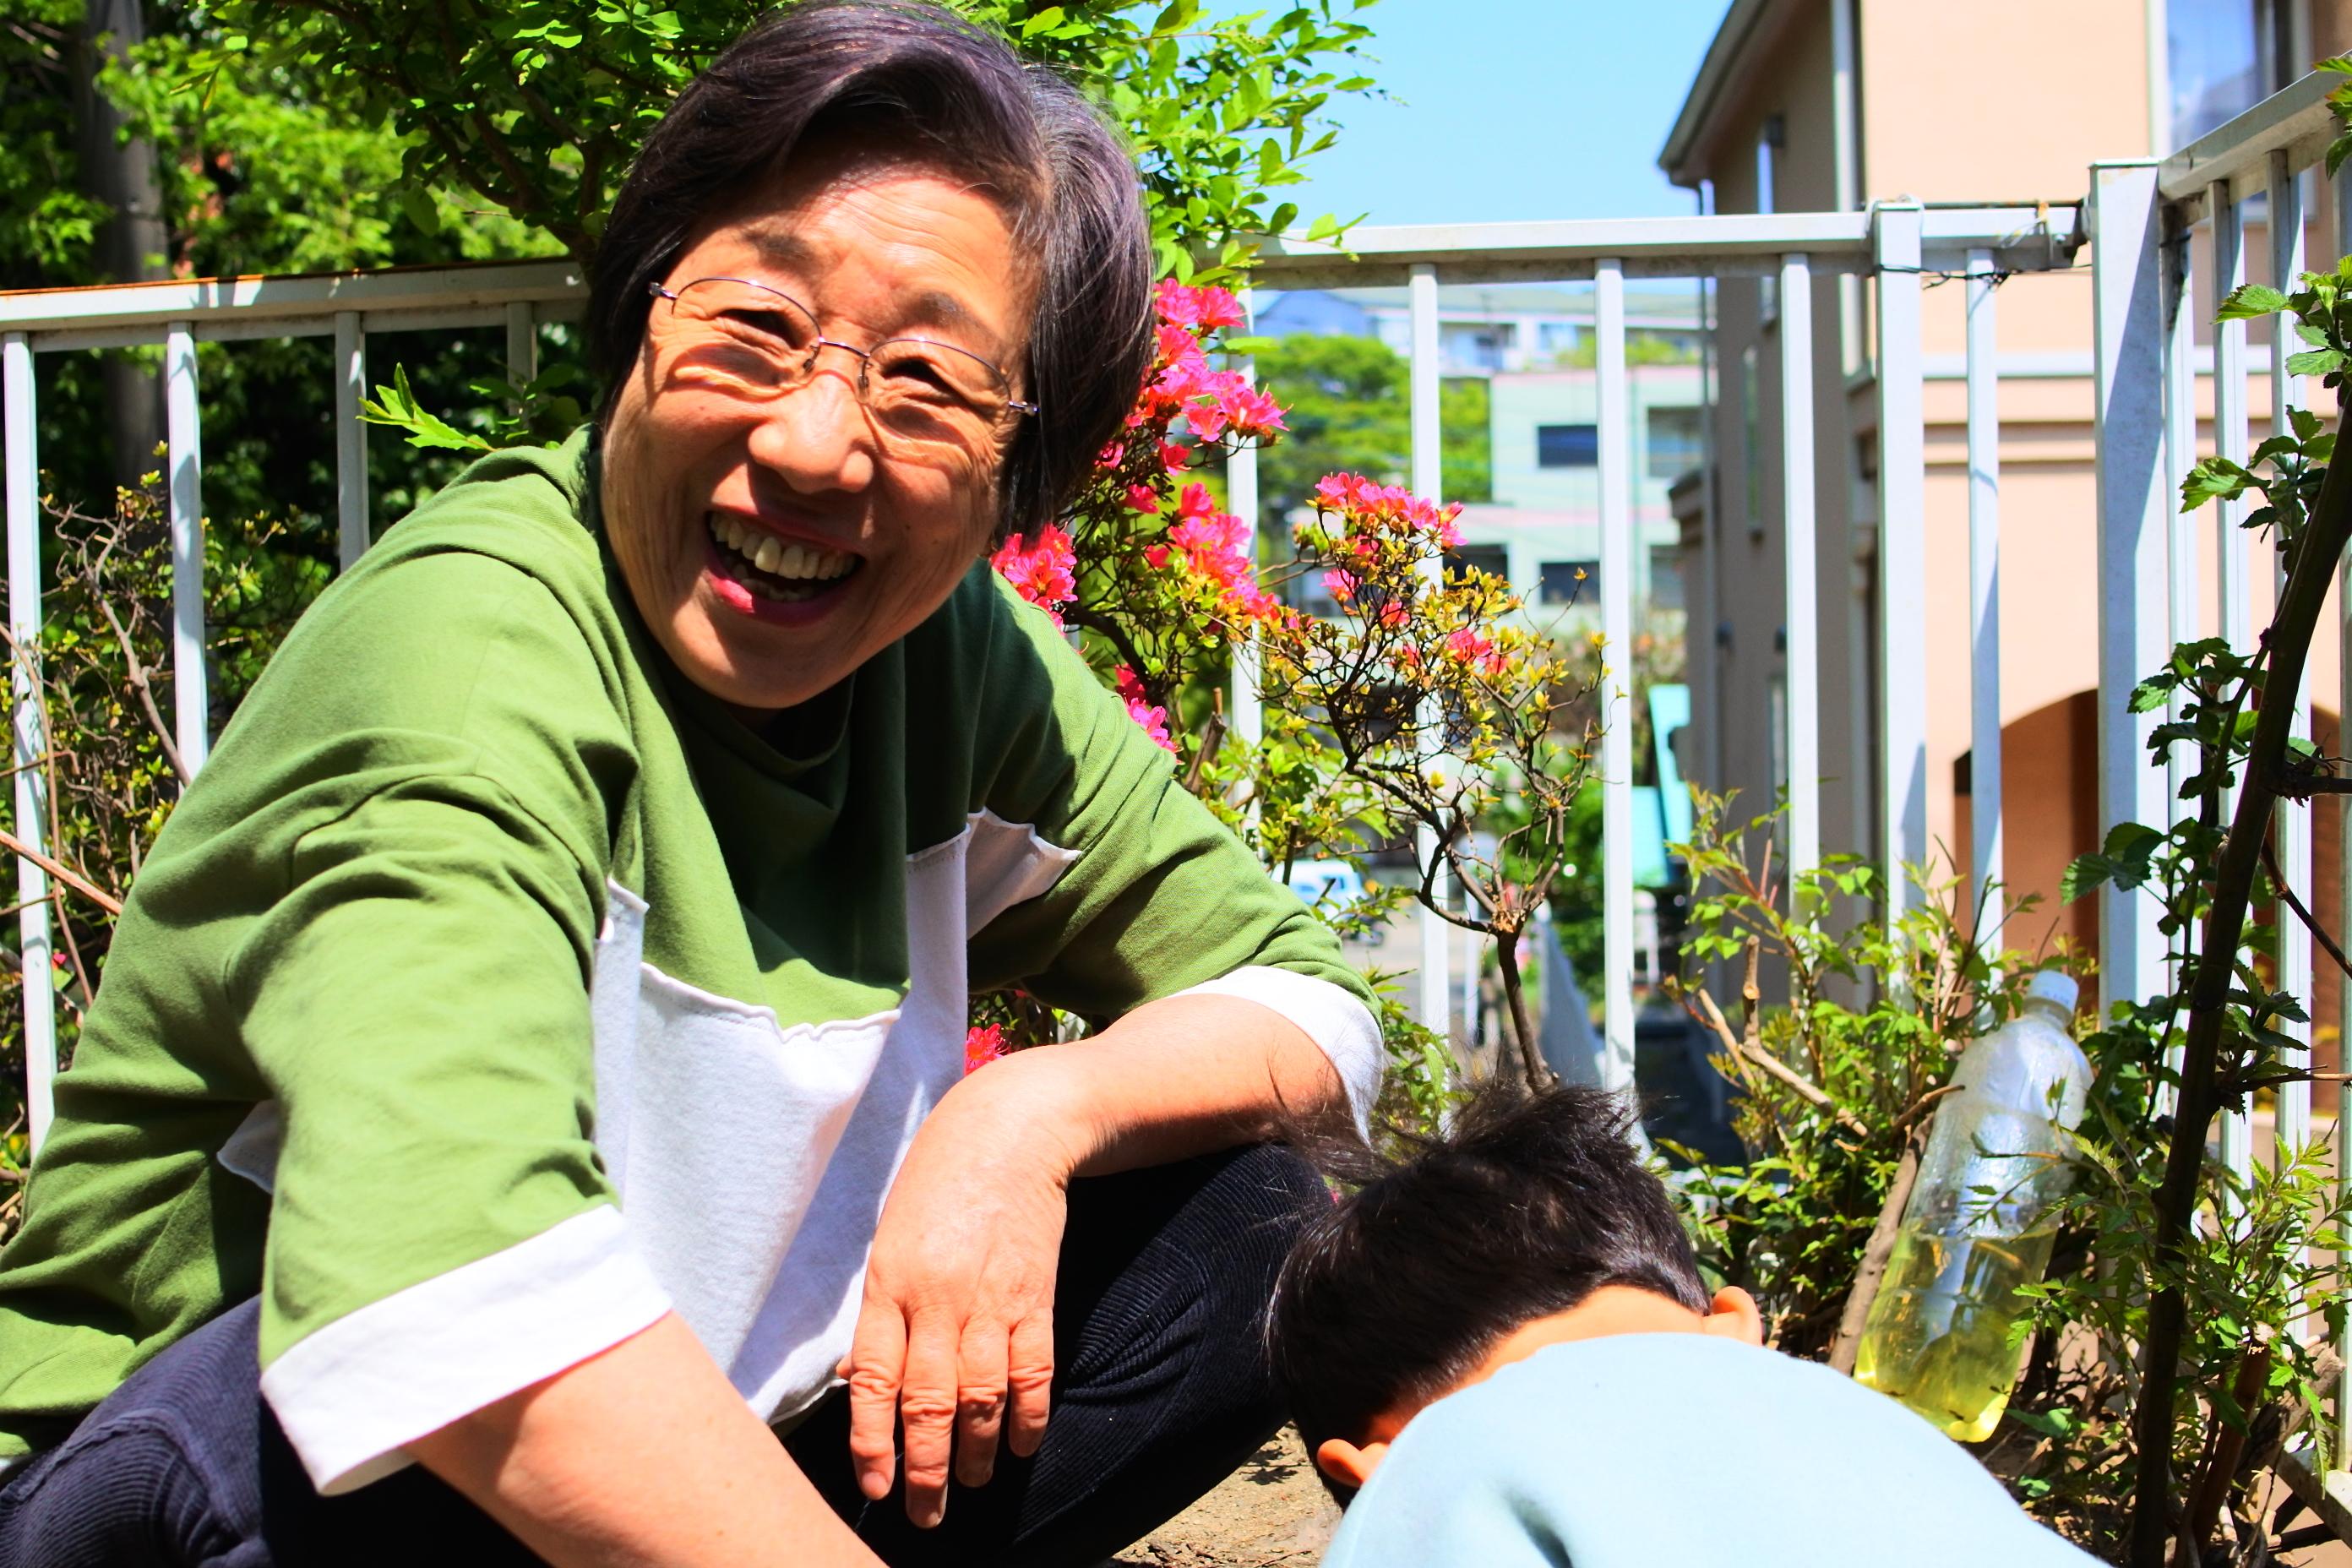 4-1 保育界の風雲児「柴田 愛子」に訊く、<br>子どもをフジロックへ連れて行くのは○か×か